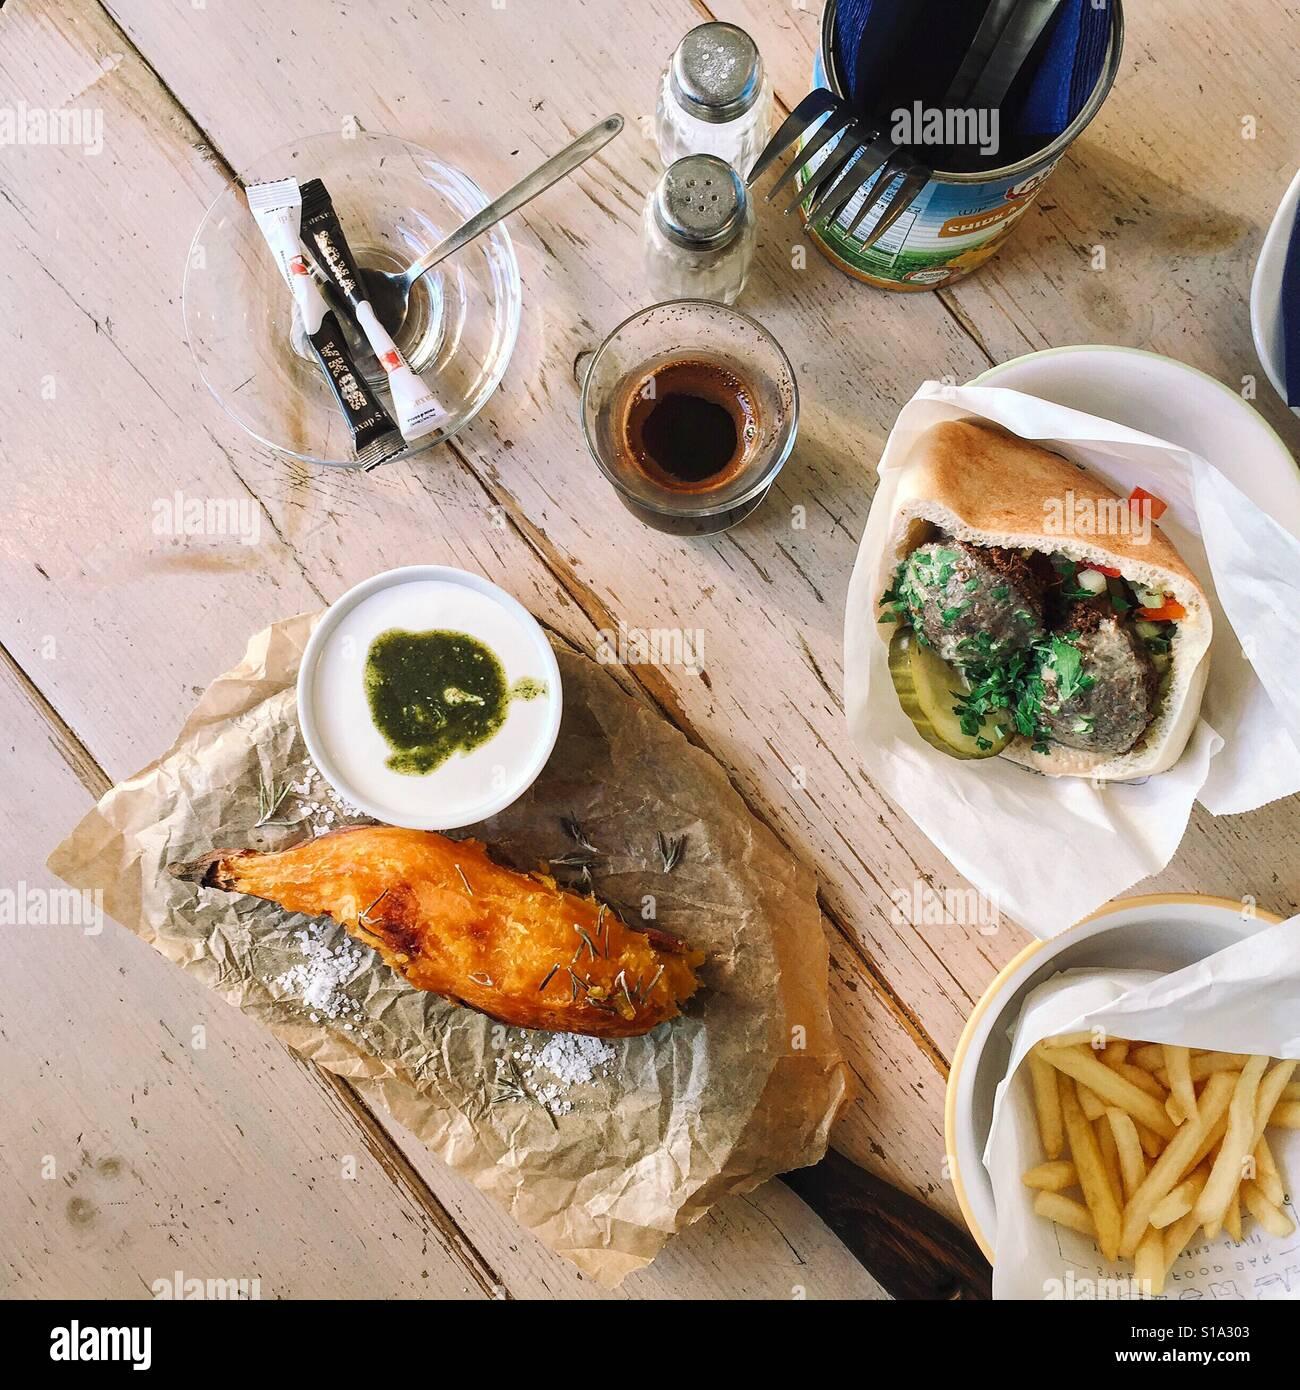 L'alimentation de rue israélienne. Banque D'Images